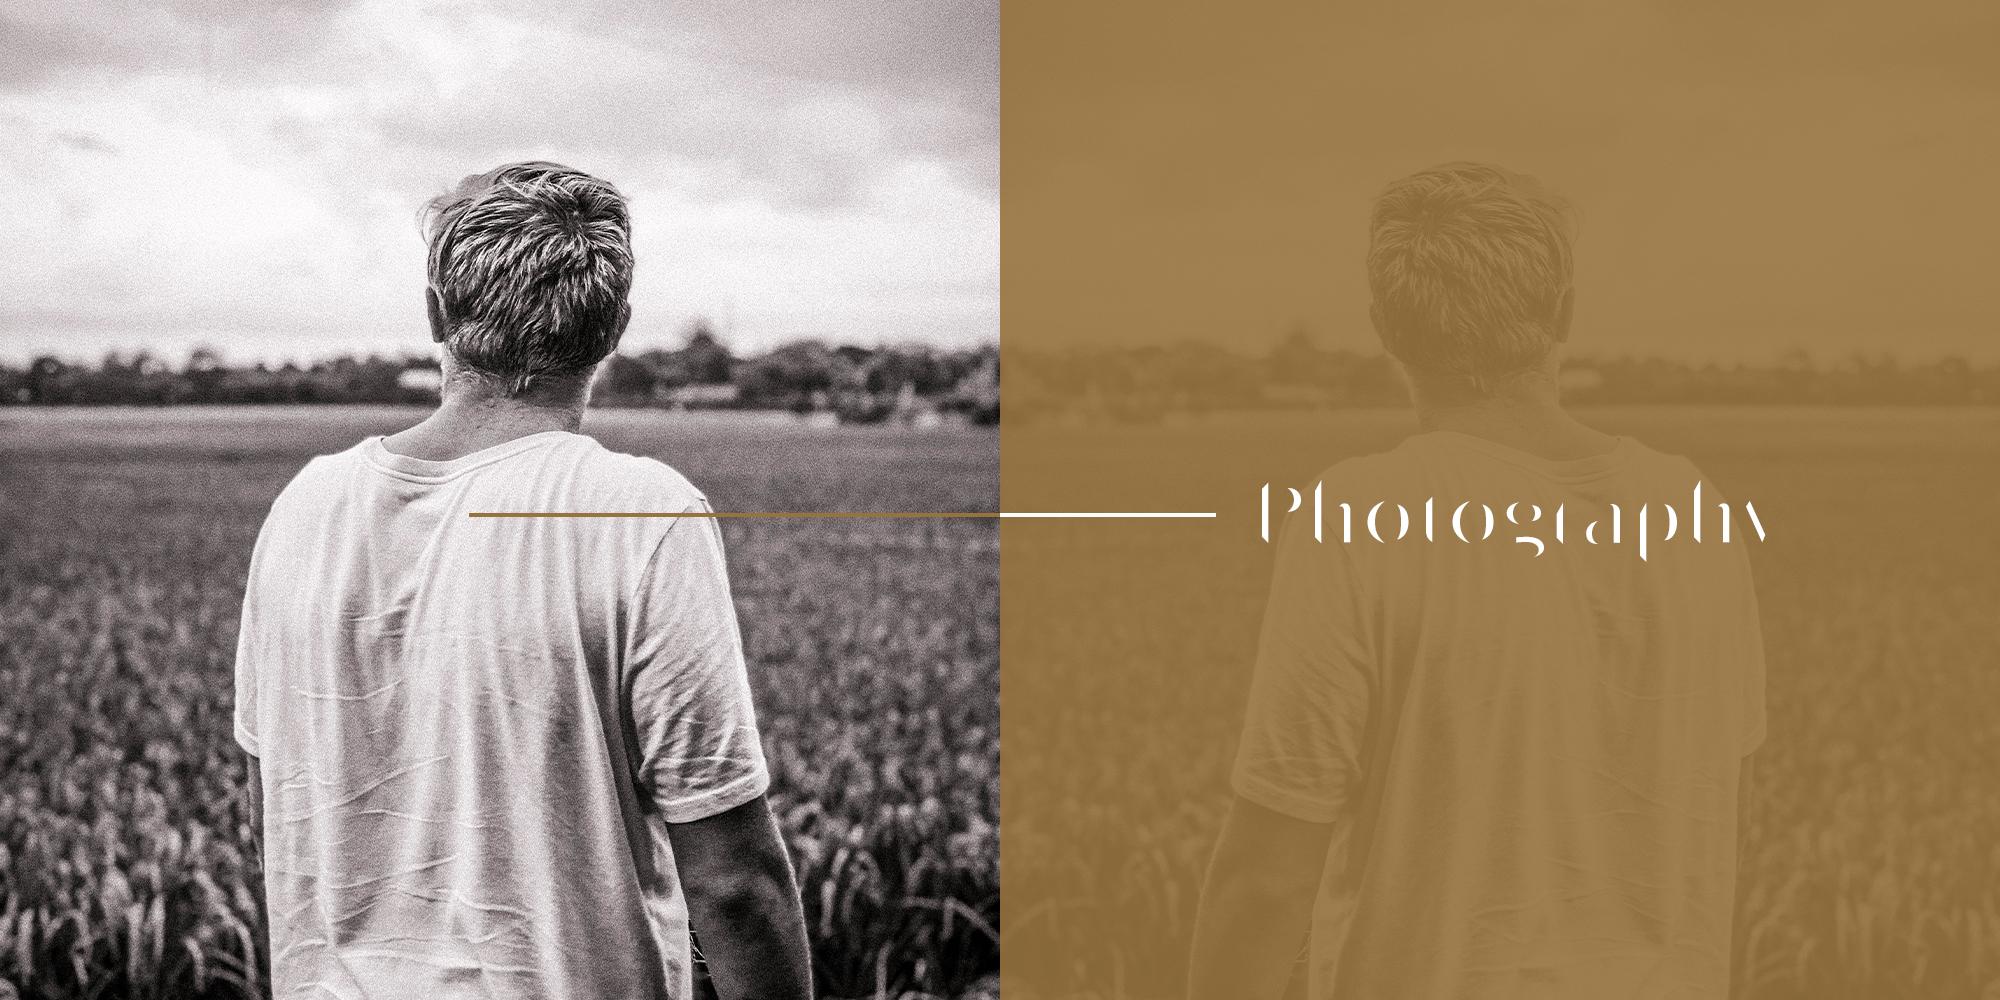 photootgraphyyyyy